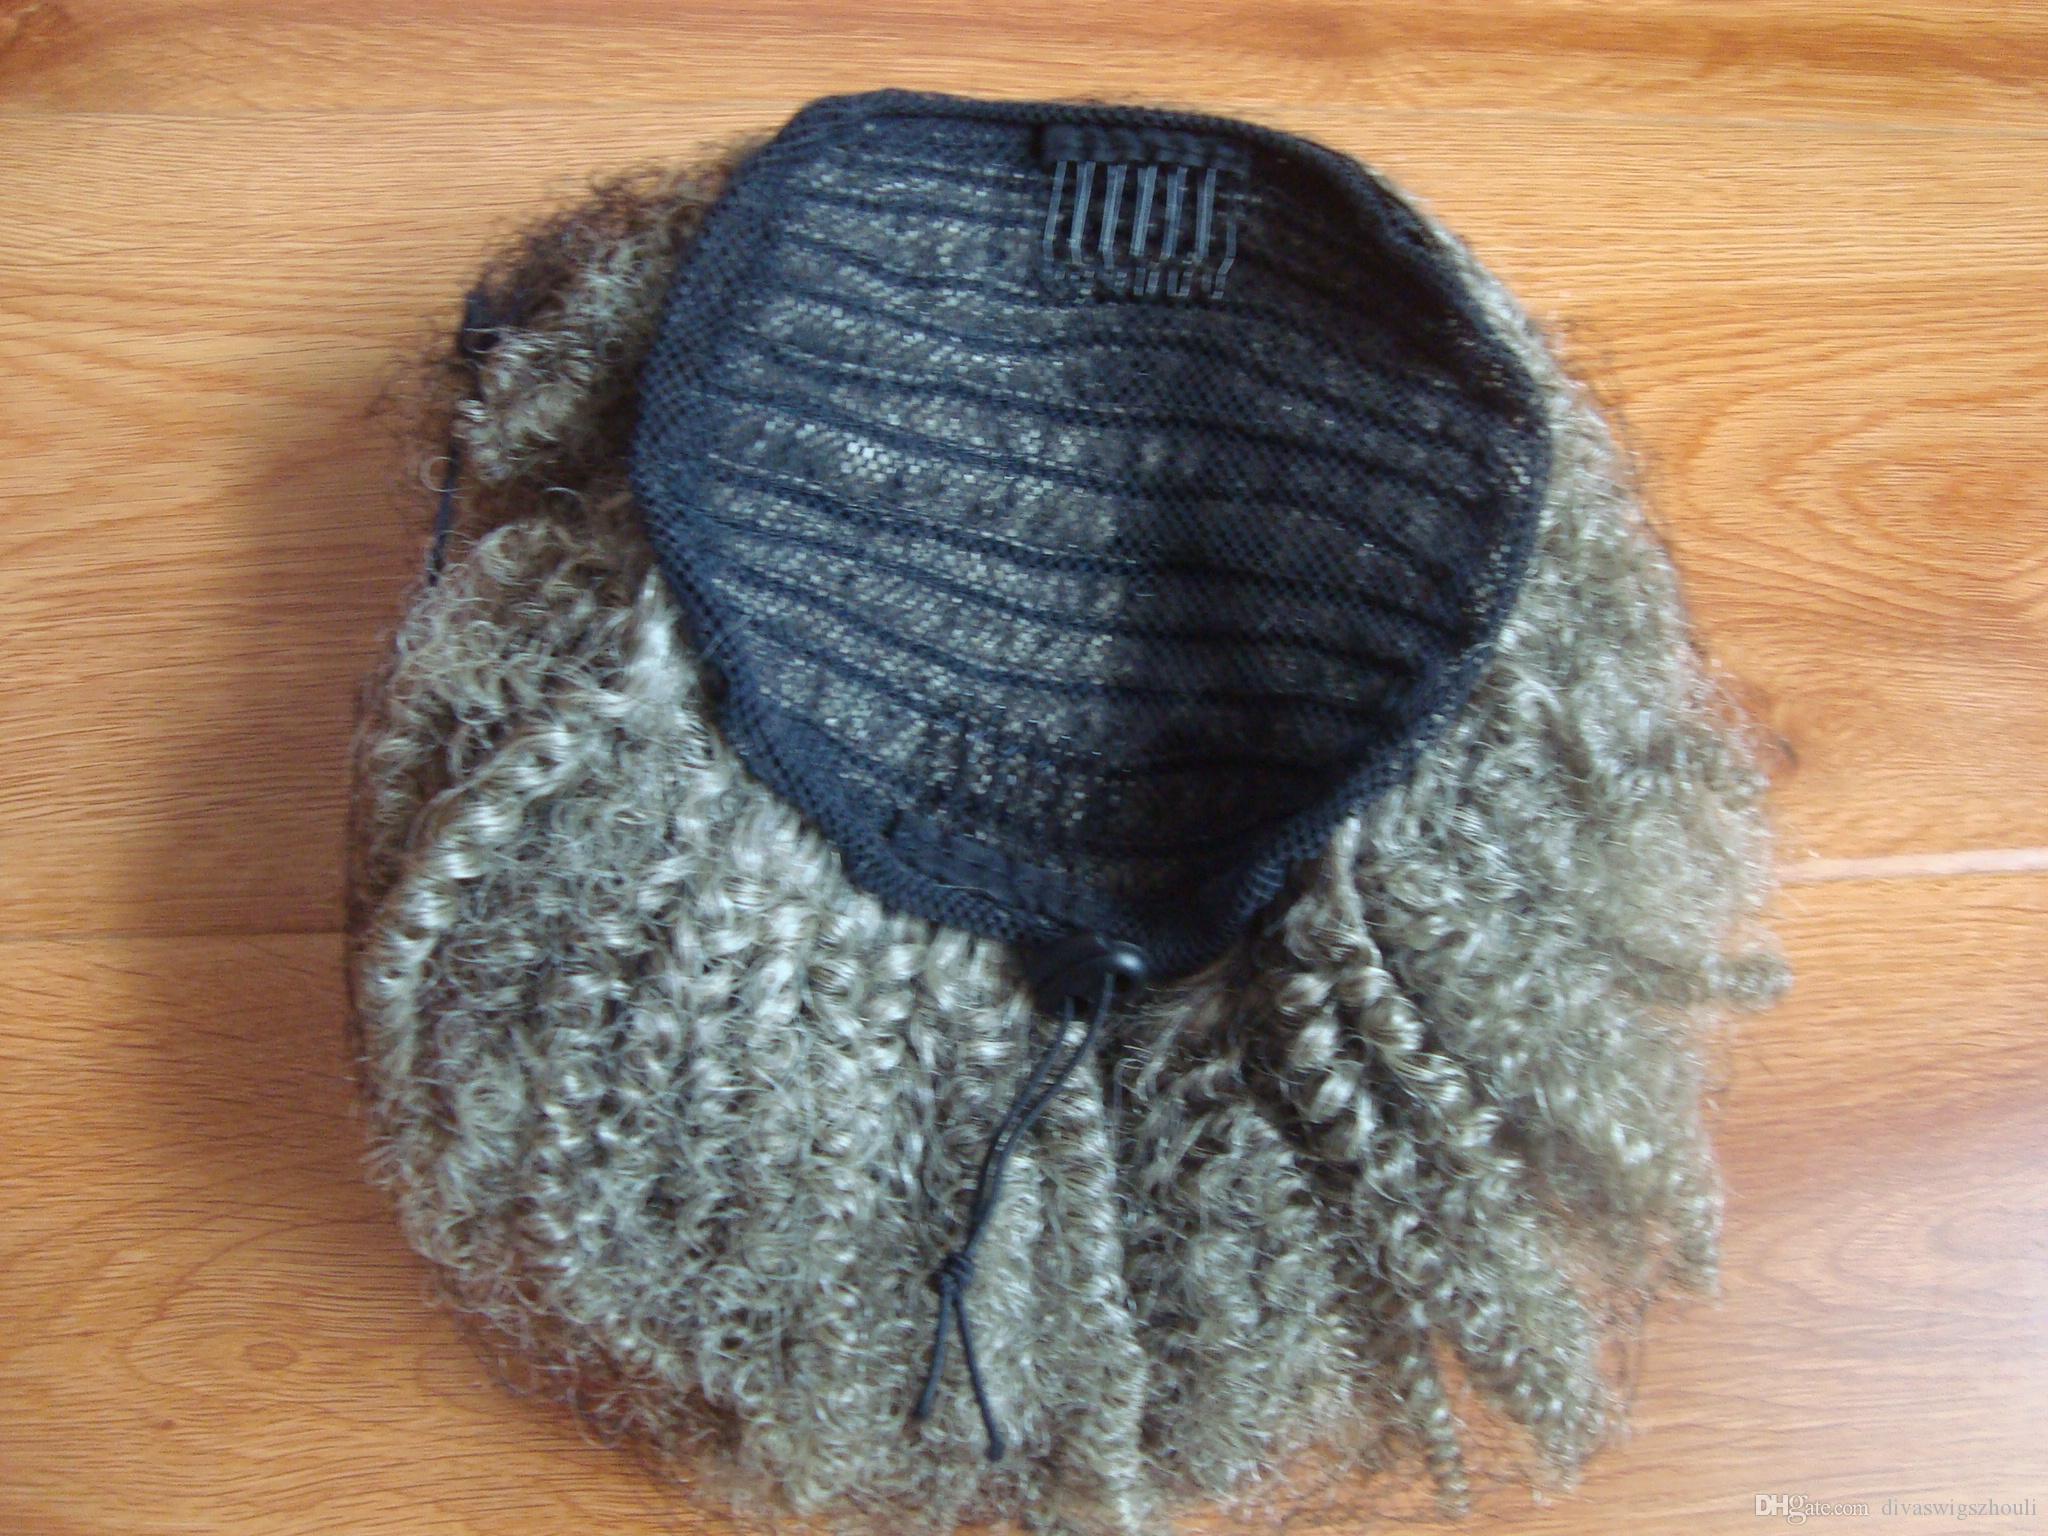 Gris pieza de cabello clip de cola de caballo updo 4c afro afro en gris el pelo humano extensión del pelo rizado rizado cola de caballo de plata